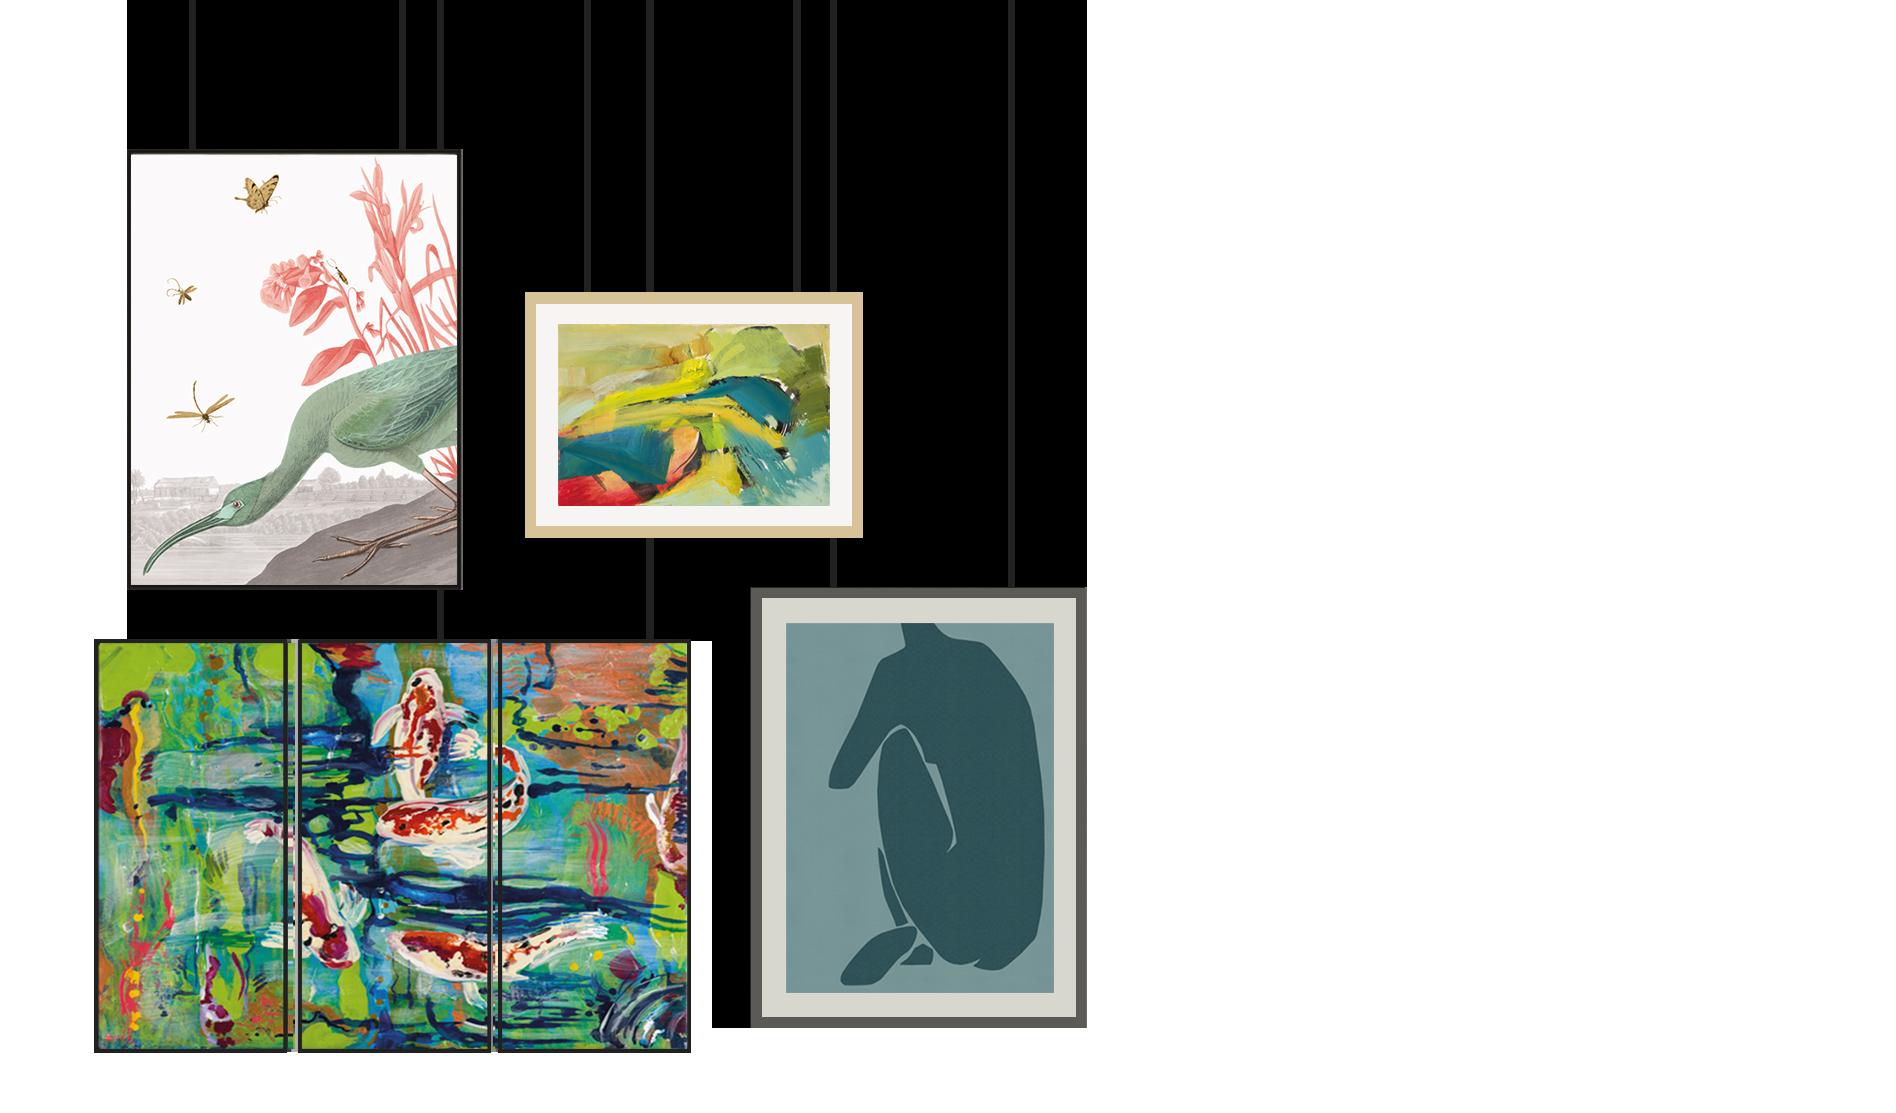 Hanging contemporary artwork